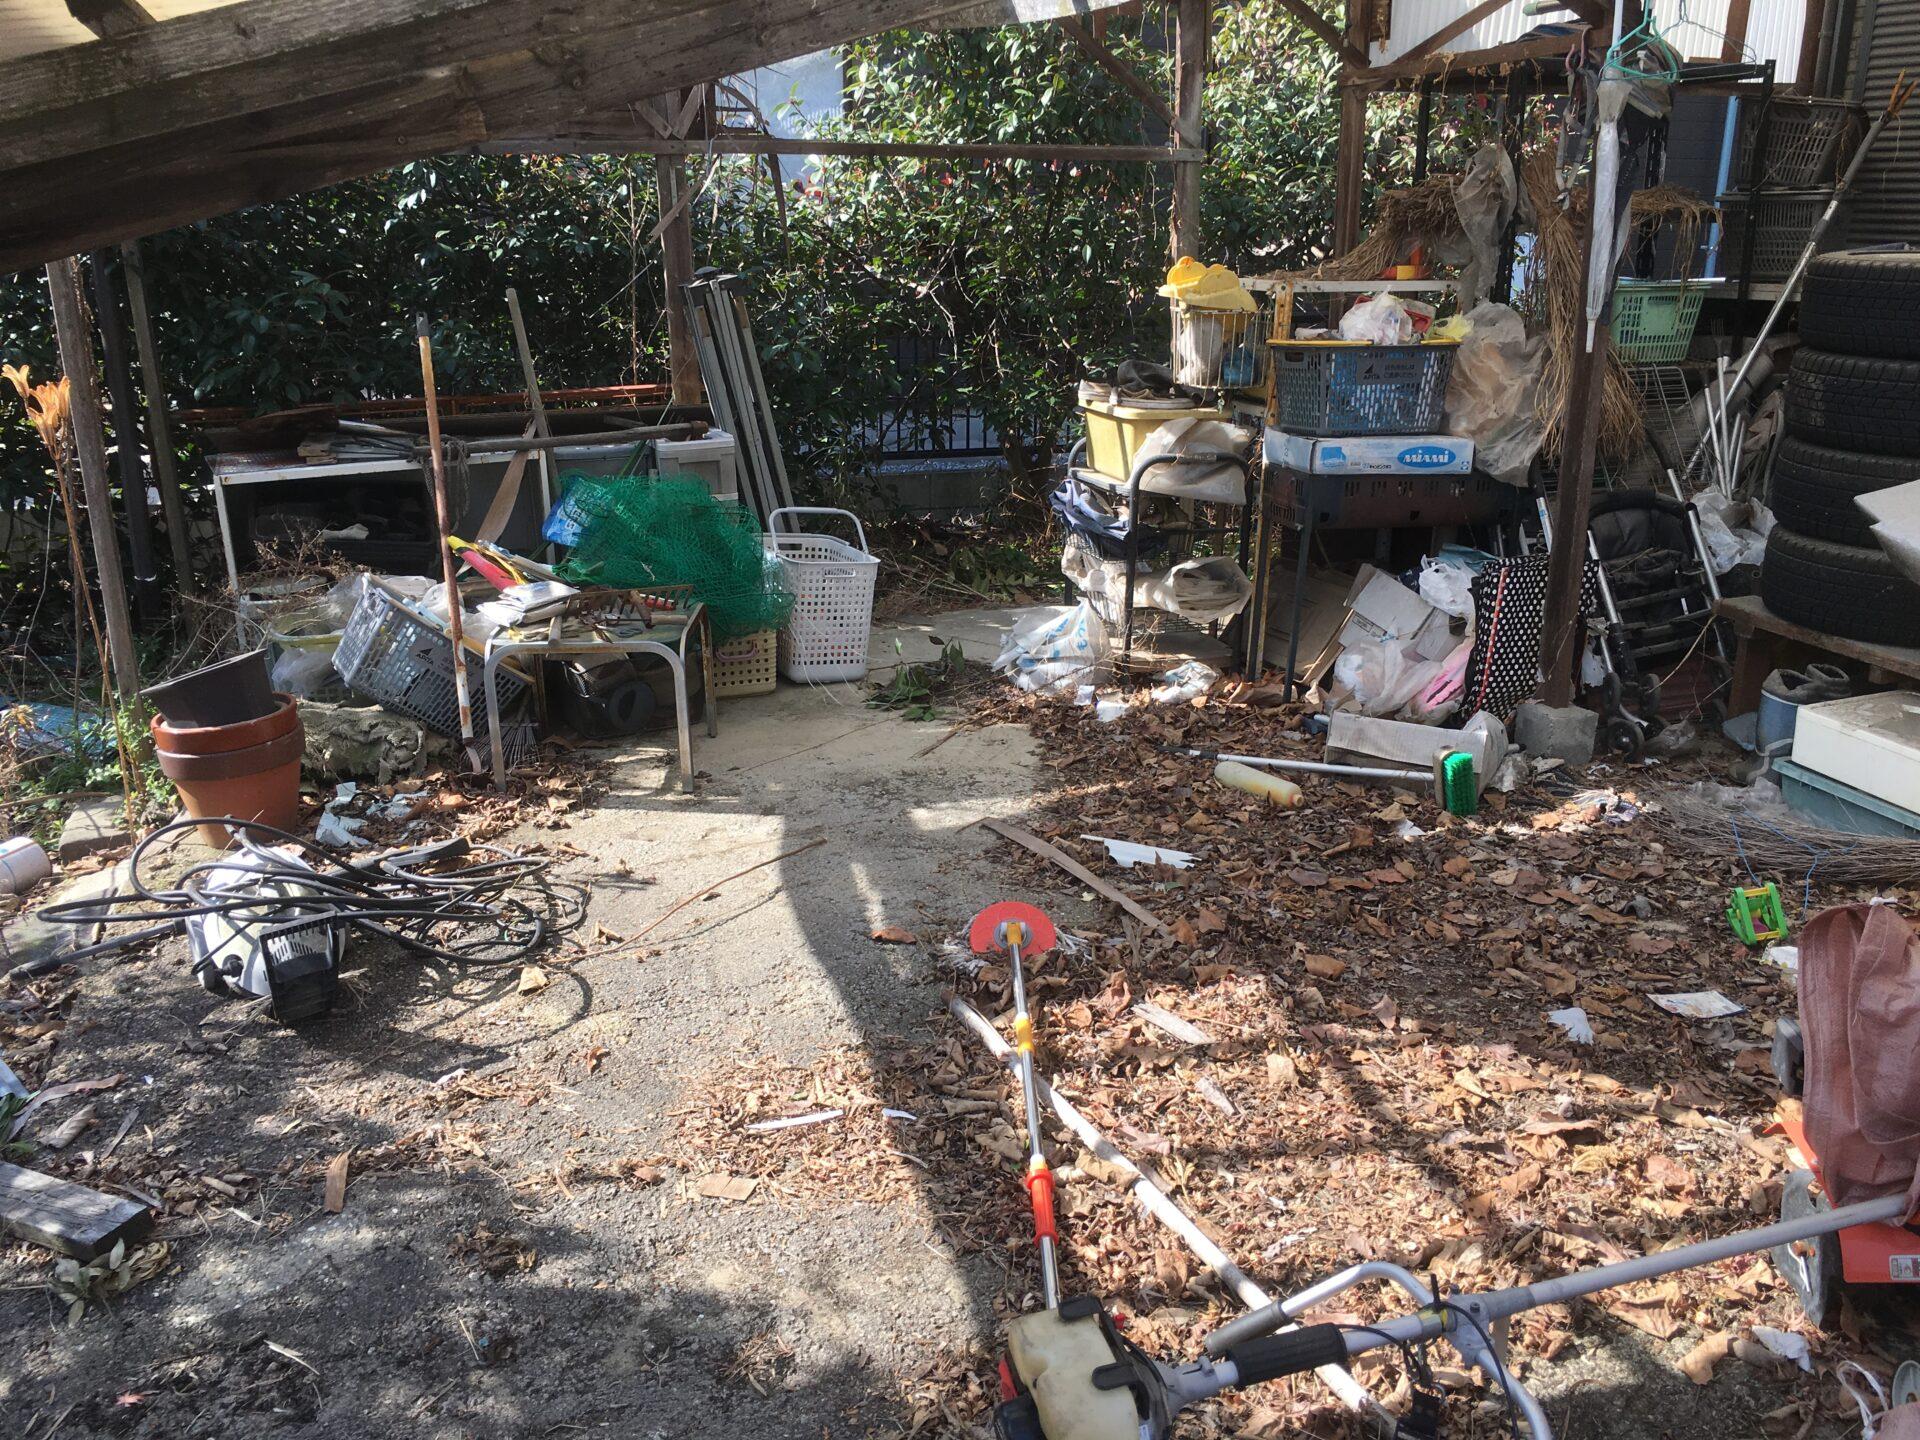 庭にある小物類の出張回収